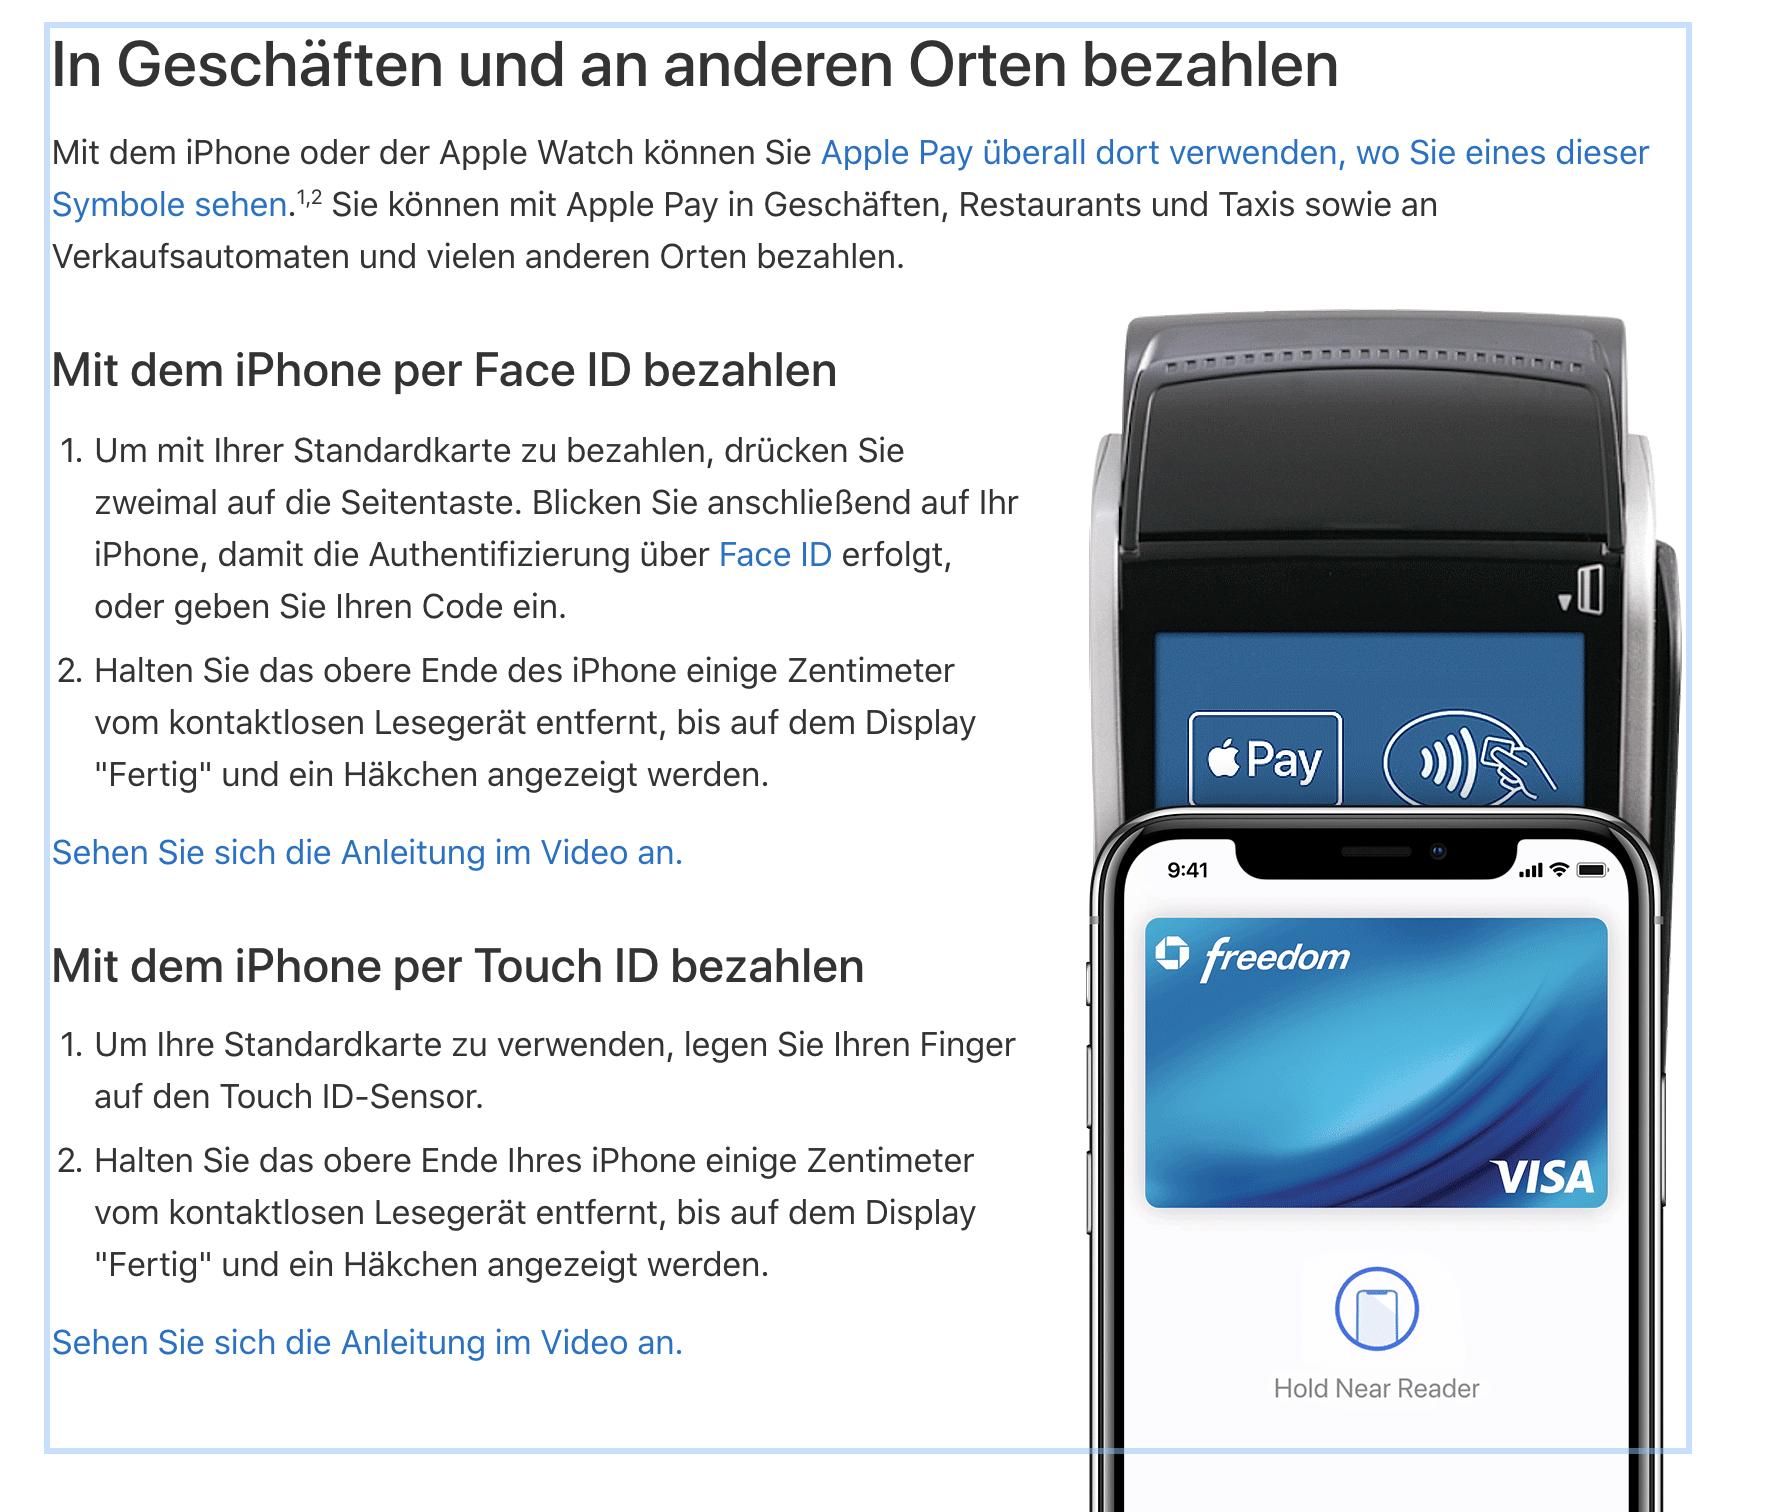 apple-business-chat-messenger-apple-pay-deutschland-geschaft-bezahlen